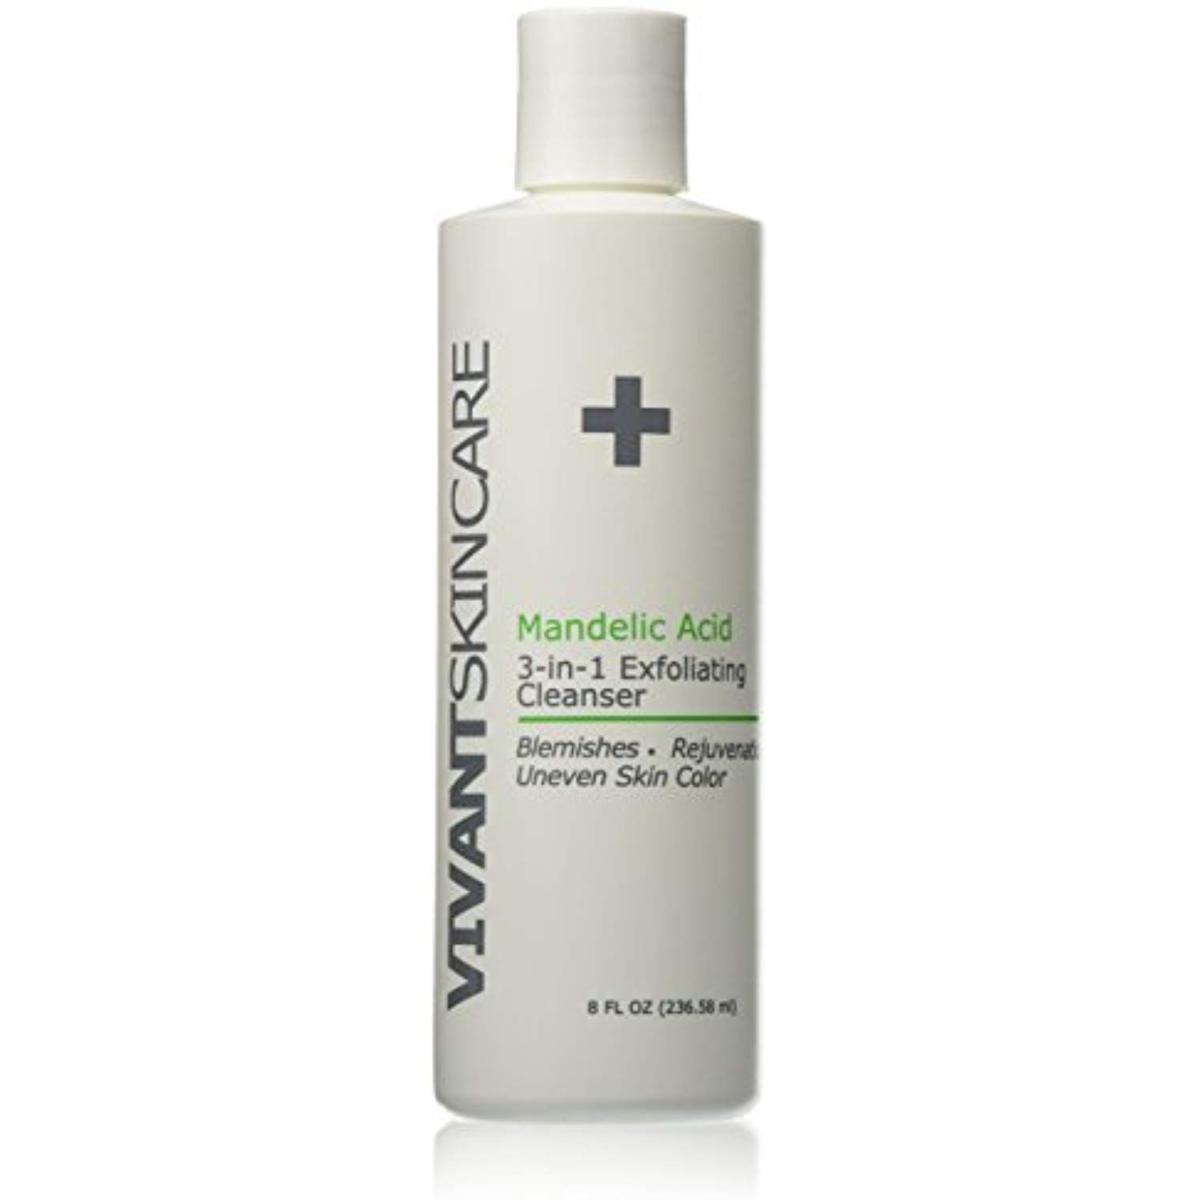 Mandellic Acid Exfoliating Cleanser